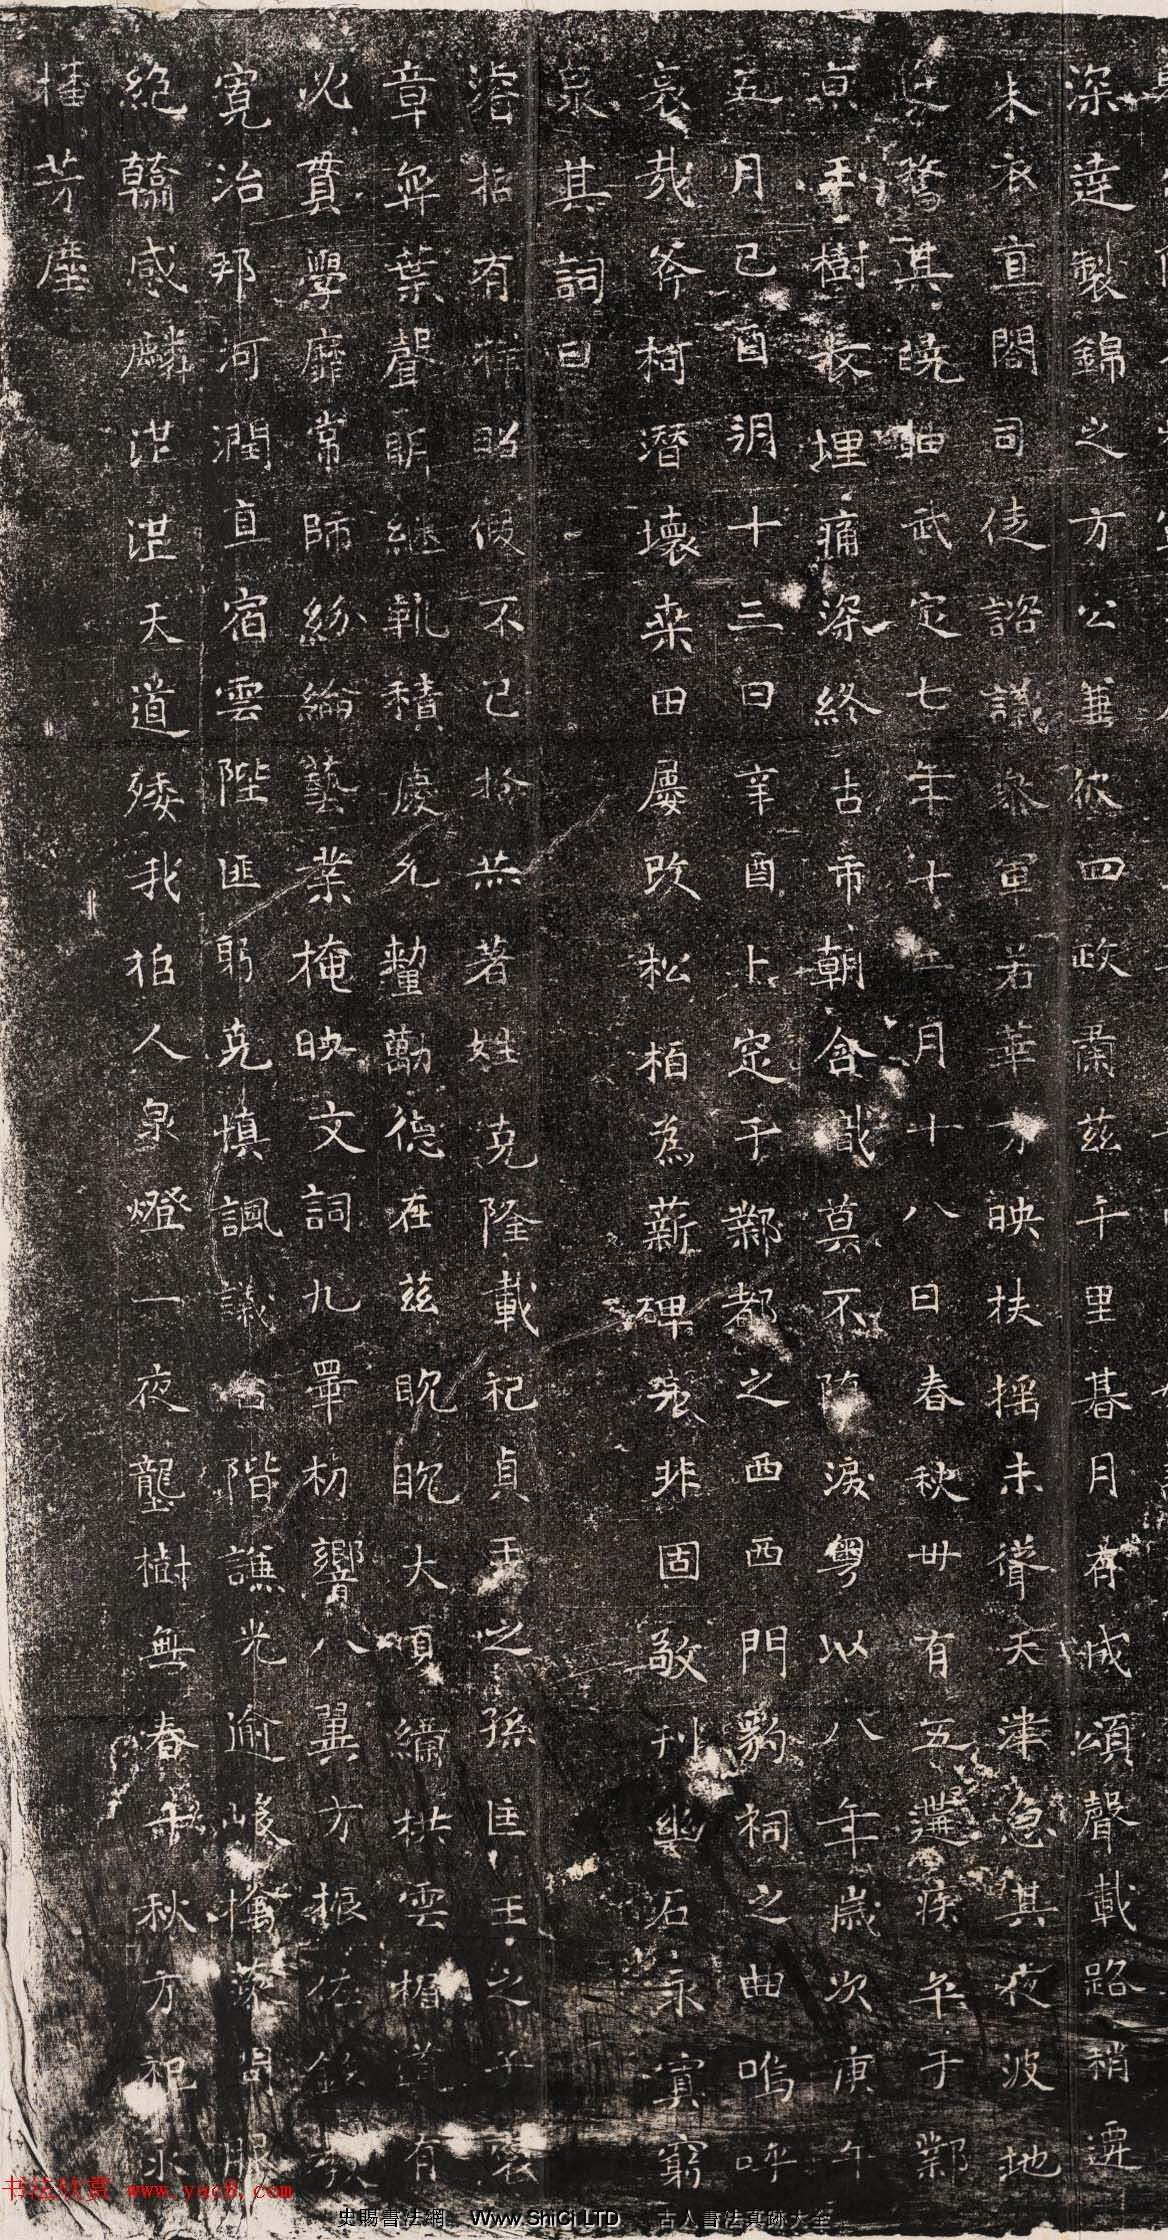 東魏書法石刻欣賞《穆子嚴墓誌》民國拓本